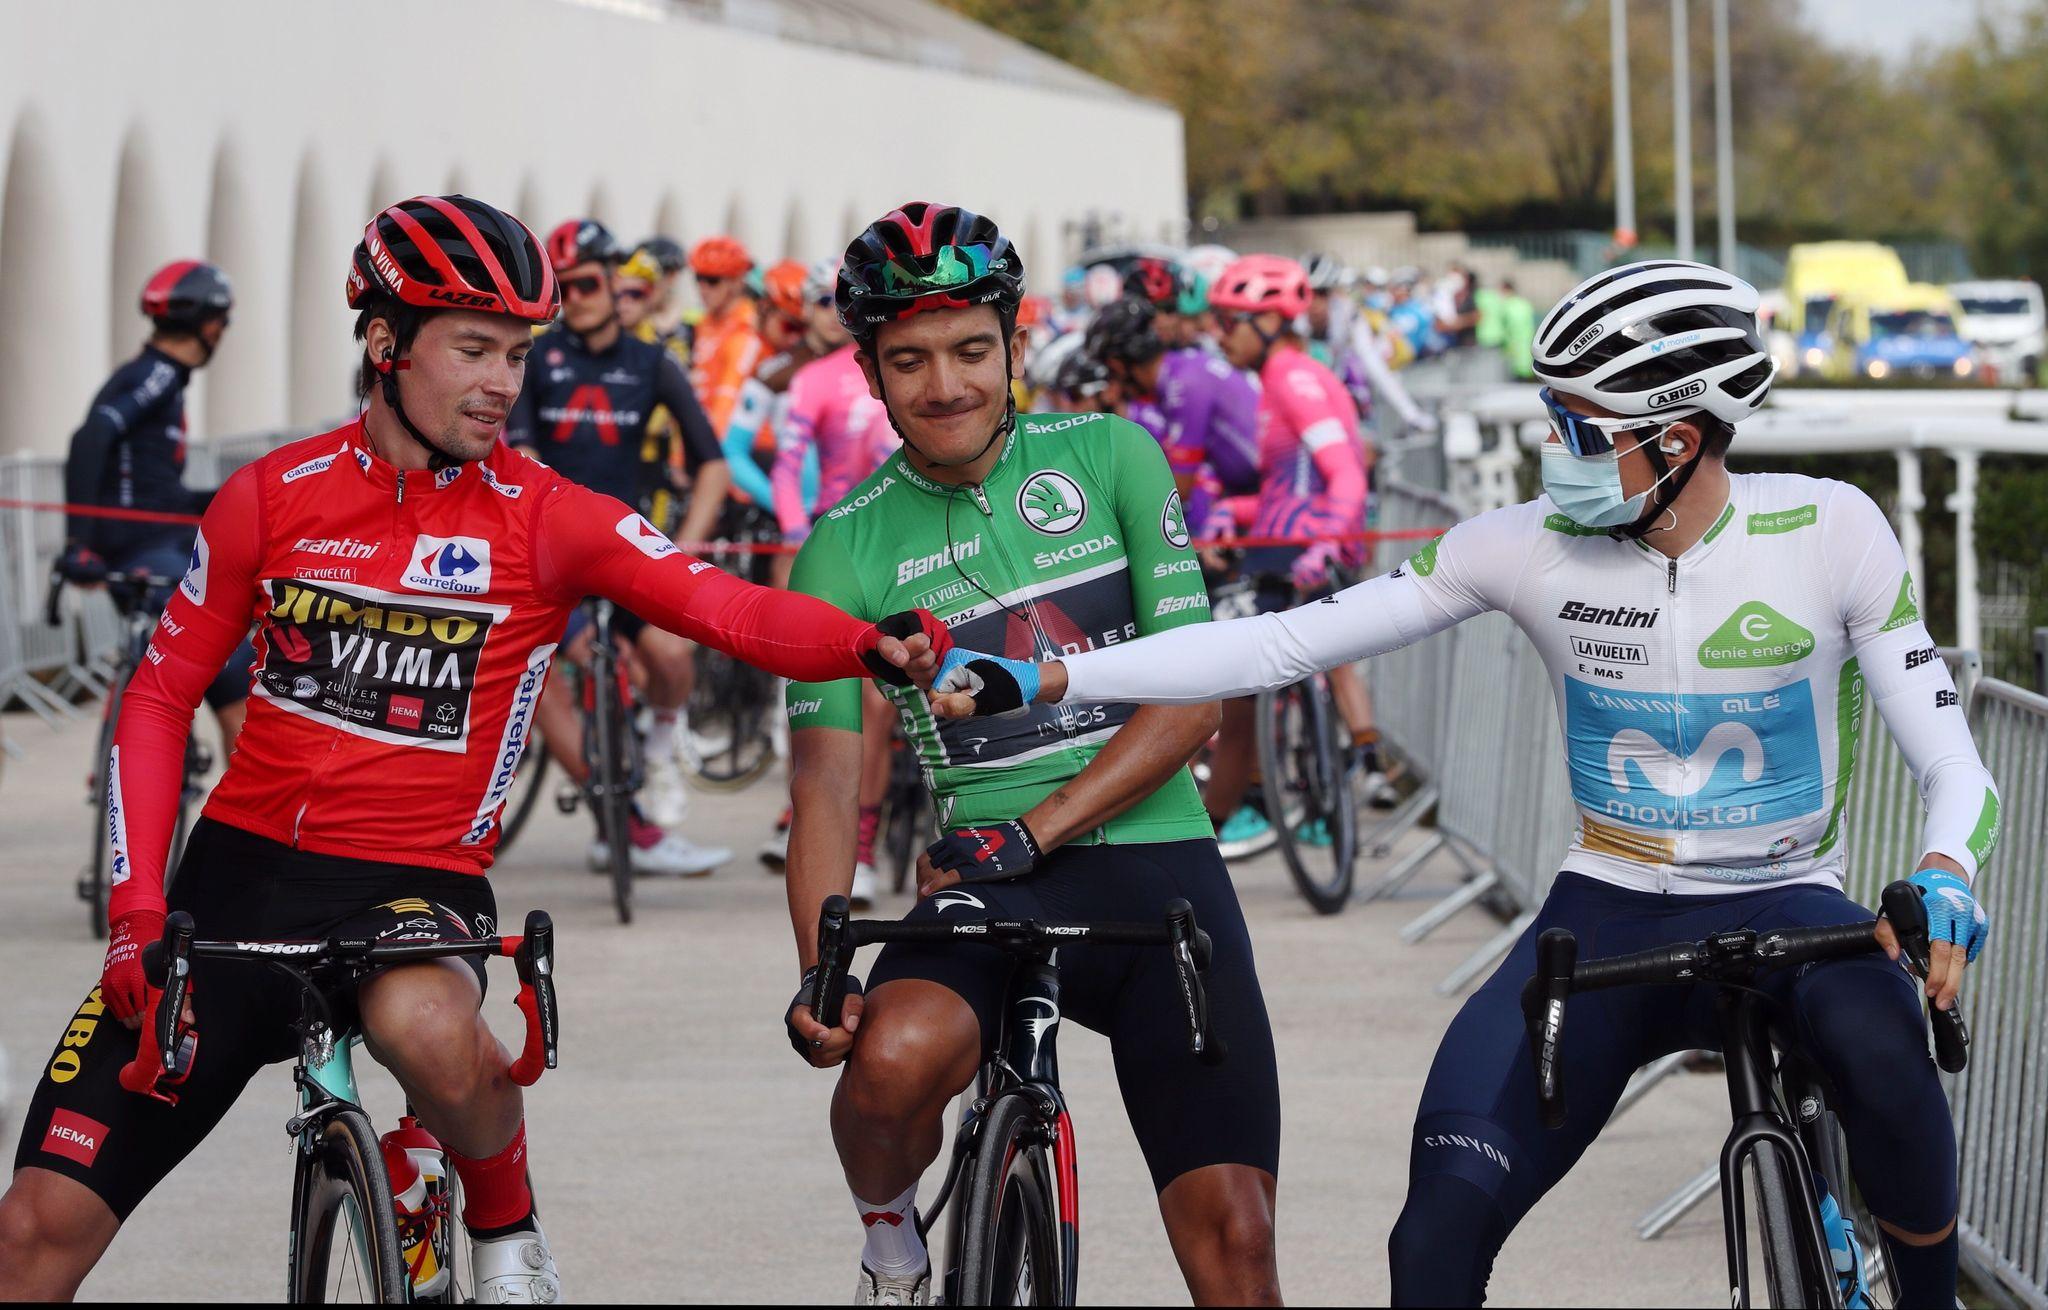 -FOTODELDÍA- MADRID, 08/11/2020.- El esloveno Primoz lt;HIT gt;Roglic lt;/HIT gt; (Jumbo Visma) y el ecuatoriano Richard Carapaz (Ineos), primero y segundo clasificados, respectivamente, y el quinto, y primer español, para Enric Mas (Movistar), antes de la salida de la última etapa de la 75 Vuelta a España, Hipódromo de la Zarzuela-Madrid, sobre un recorrido de 124,2 km. EFE/Kiko Huesca